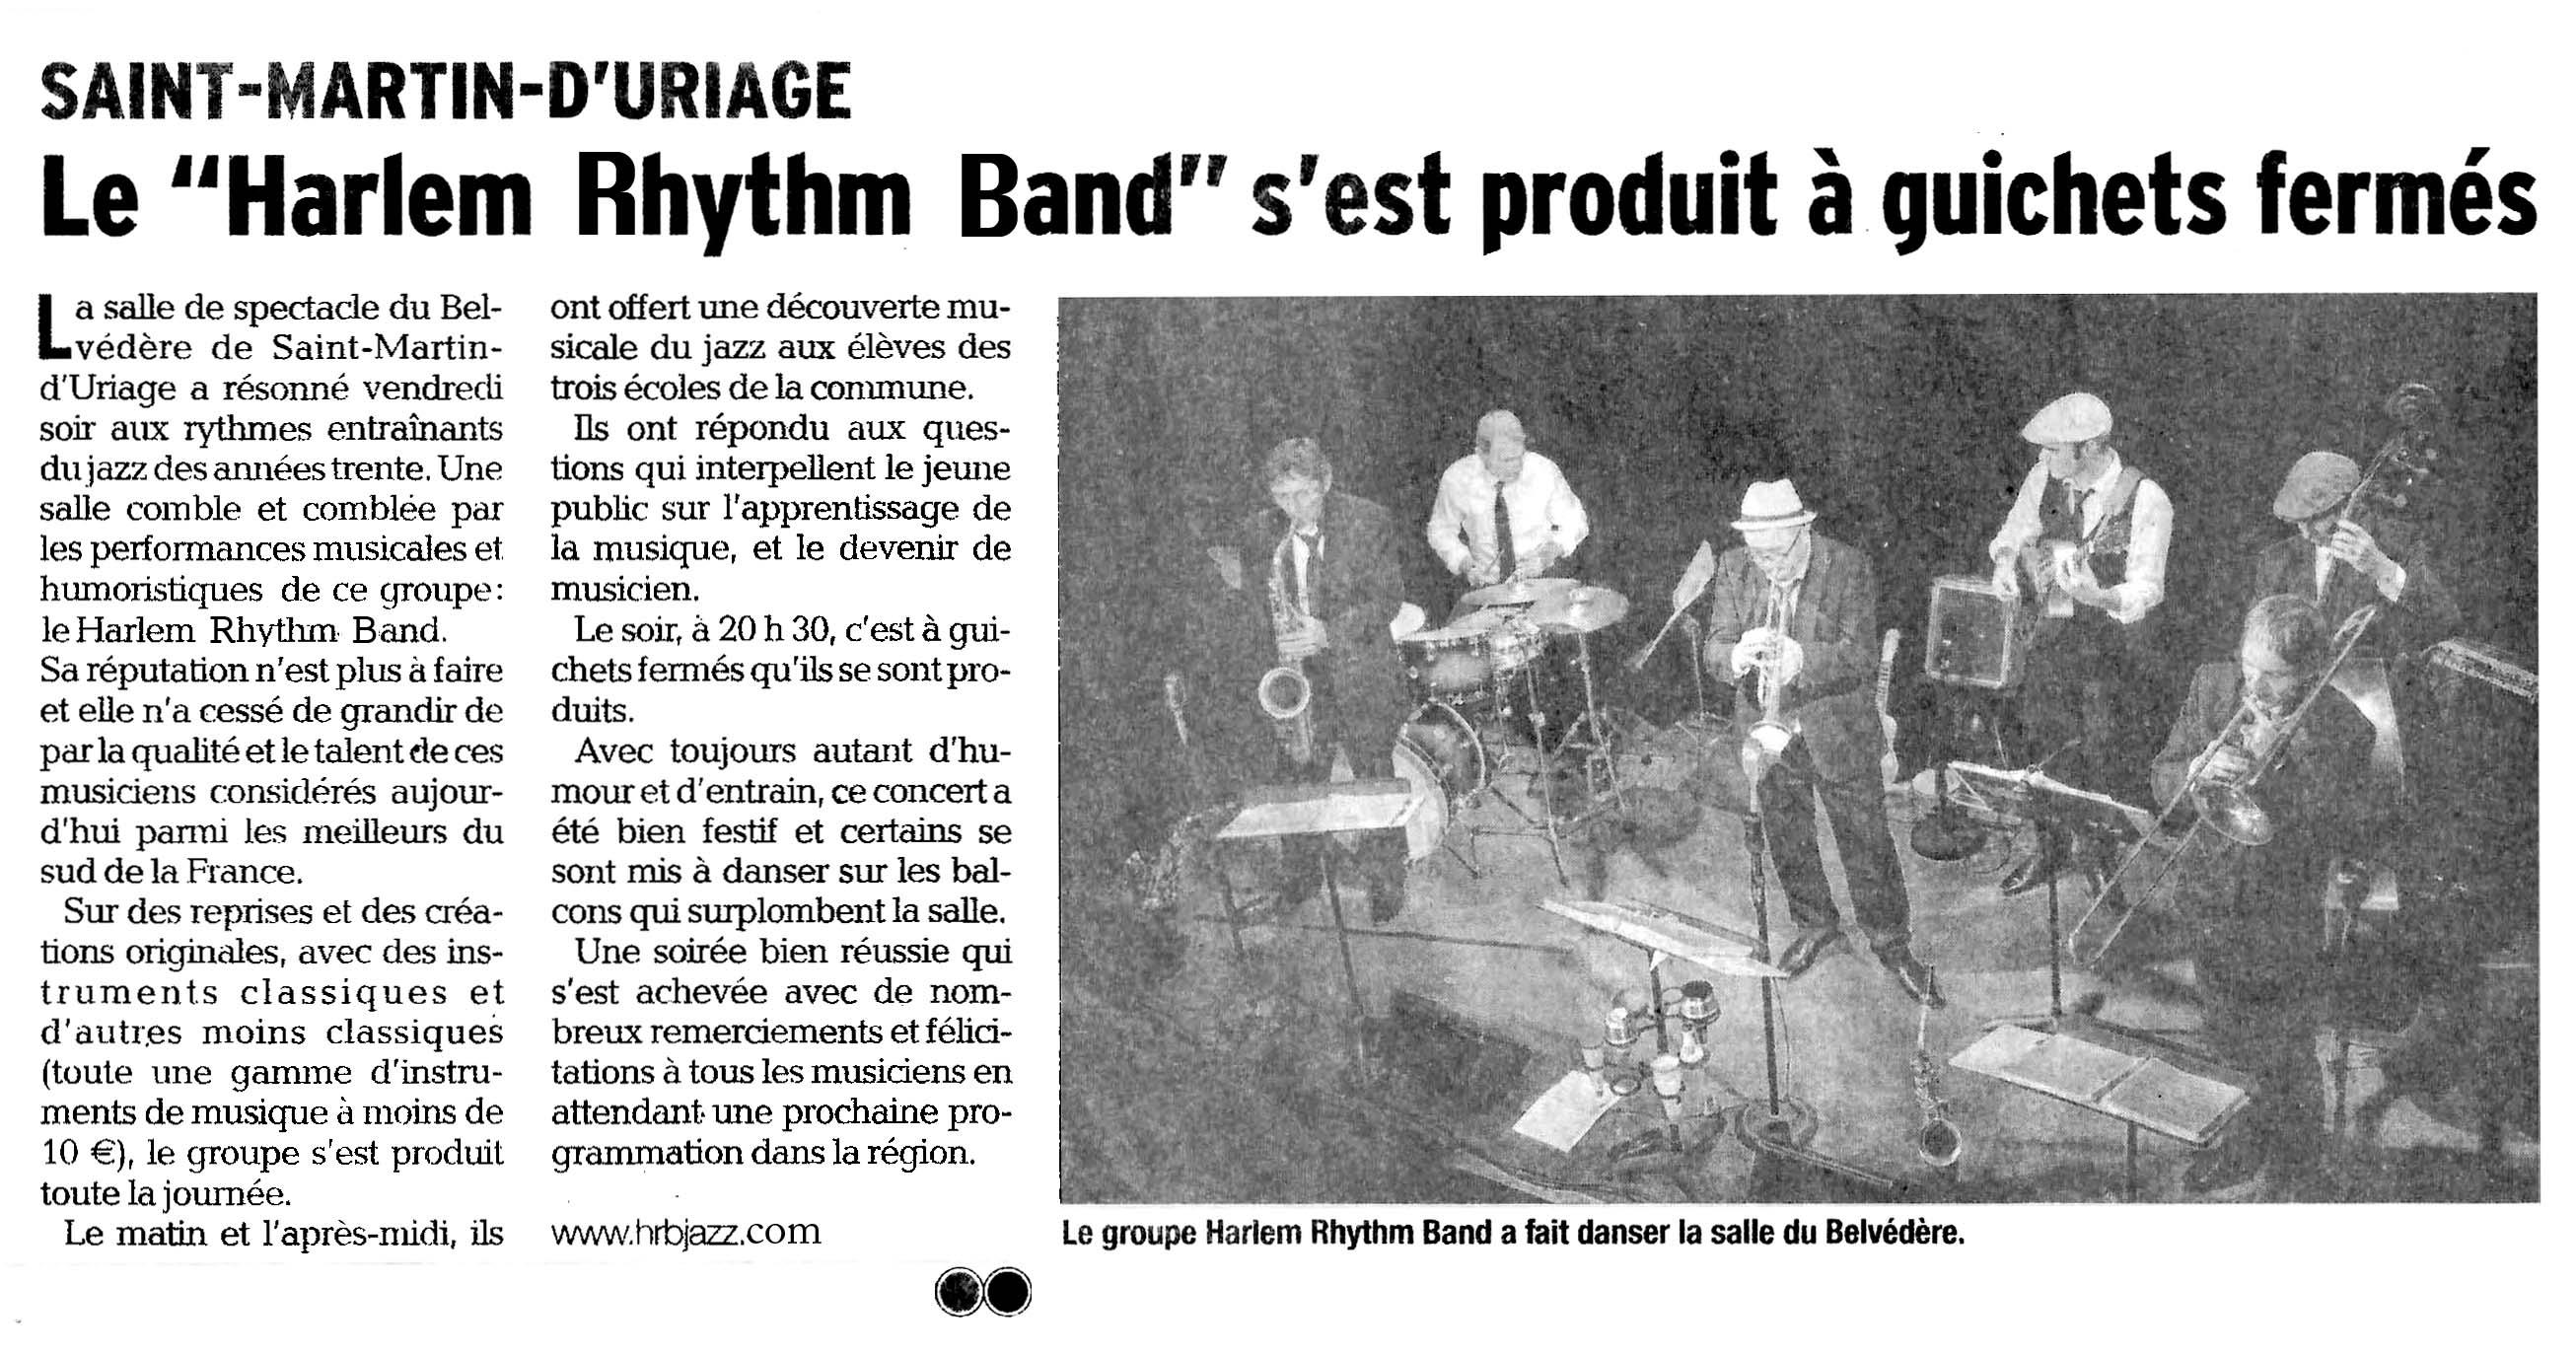 Le «Harlem Rhythm Band» s'est produit à guichets fermés